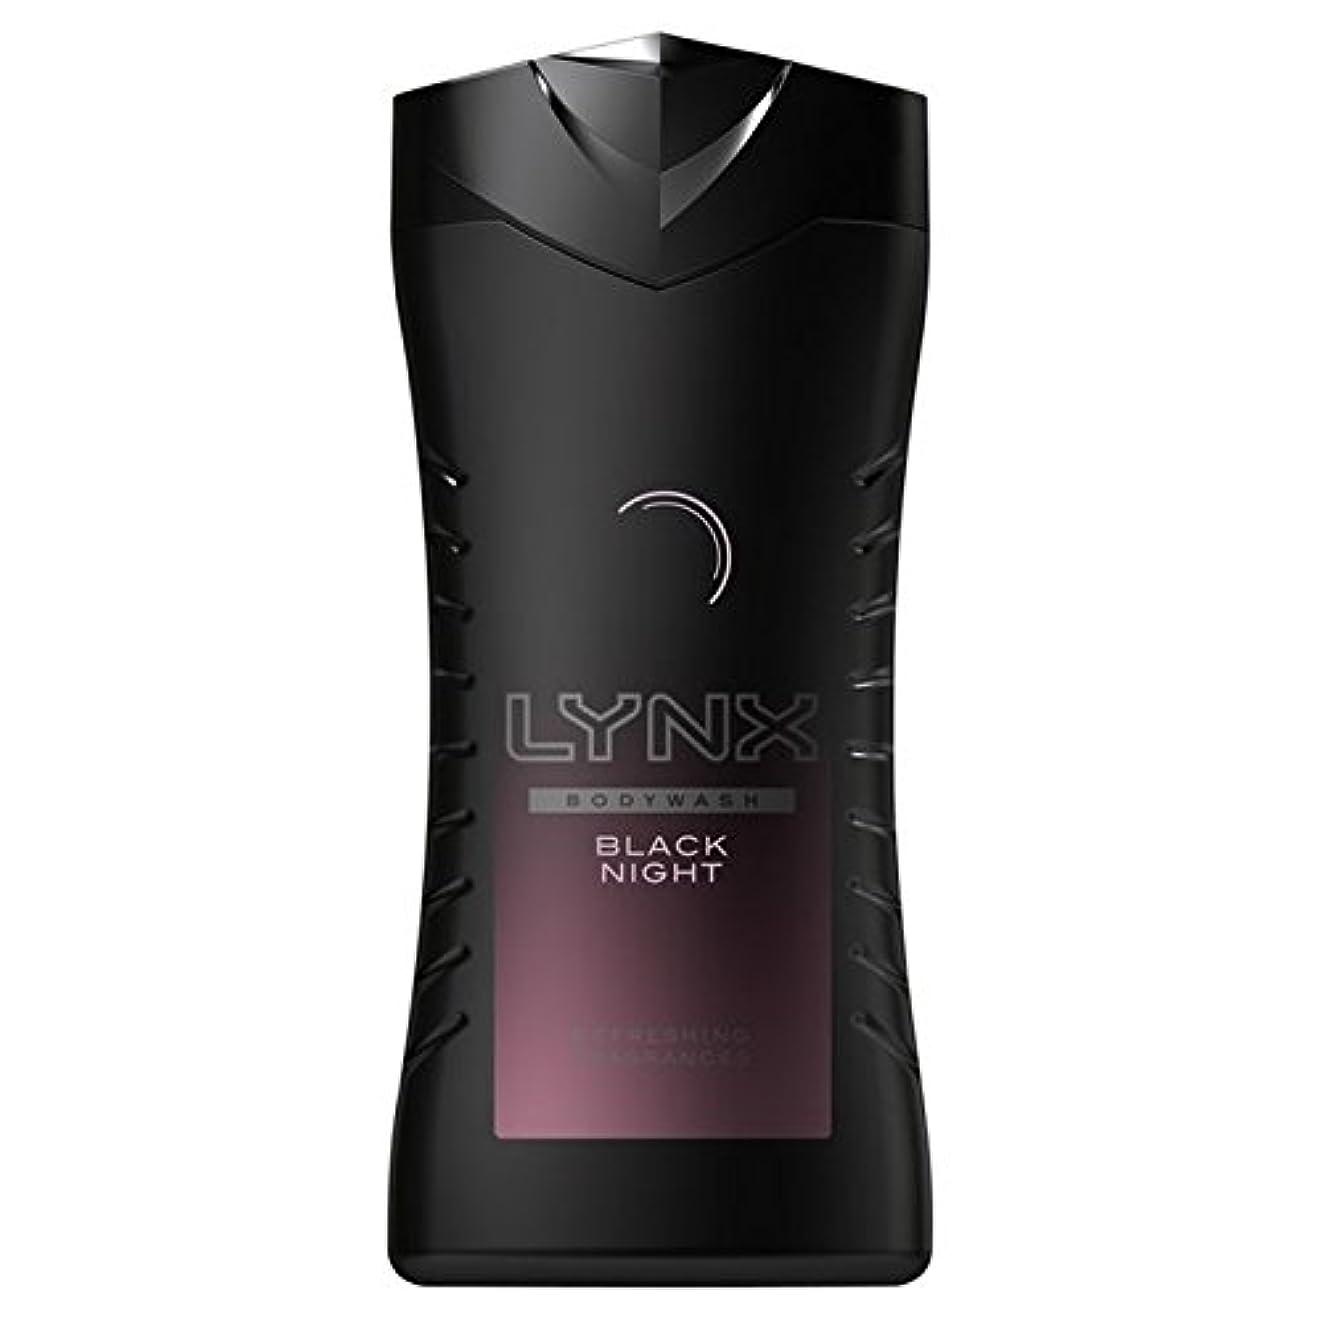 思慮のない彼ら色合いオオヤマネコ黒夜シャワージェル250ミリリットル x2 - Lynx Black Night Shower Gel 250ml (Pack of 2) [並行輸入品]